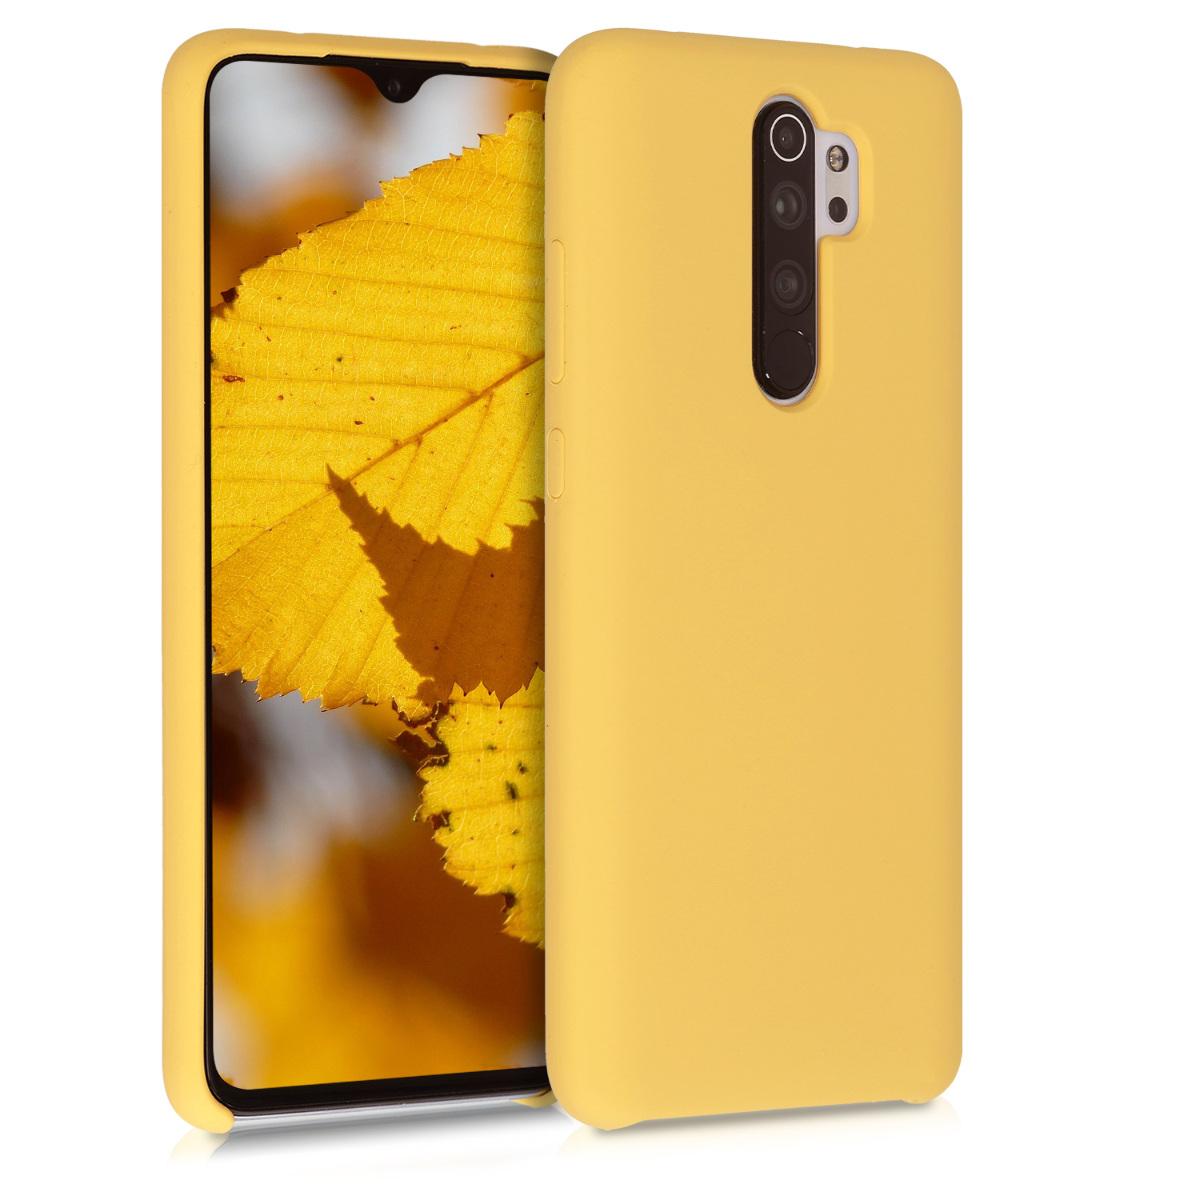 KW Θήκη Σιλικόνης Xiaomi Redmi Note 8 Pro - Soft Flexible Rubber - Pastel Yellow Matte (50248.119)